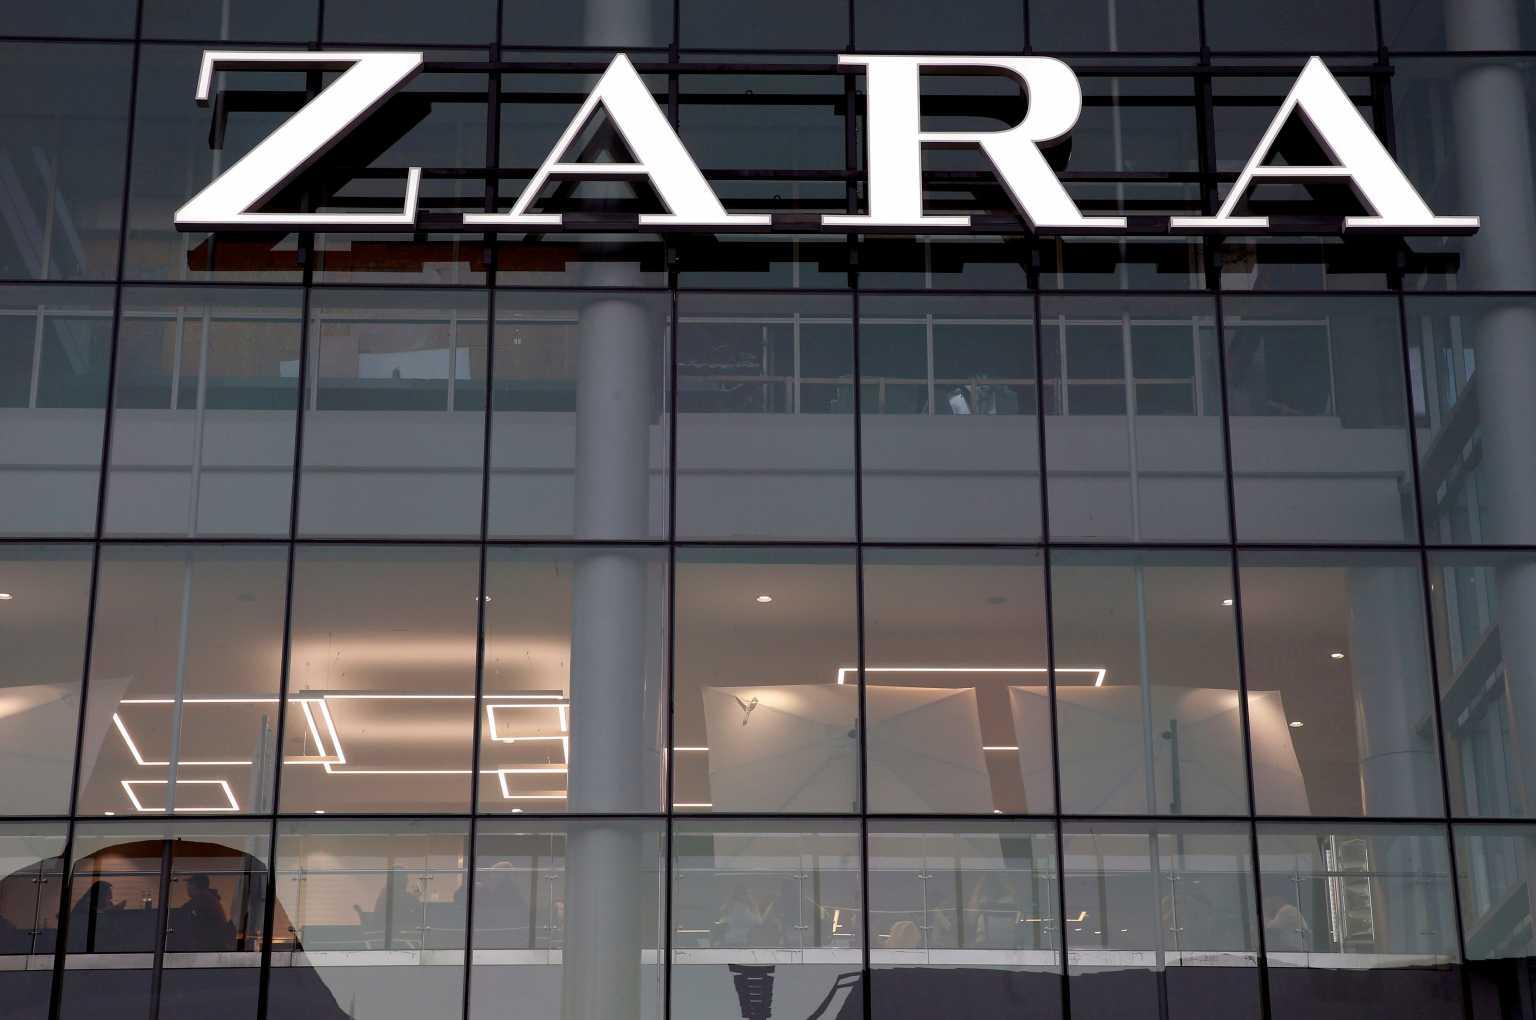 Ισπανία: Τα Zara αρχίζουν τις χρεώσεις στις χάρτινες σακούλες